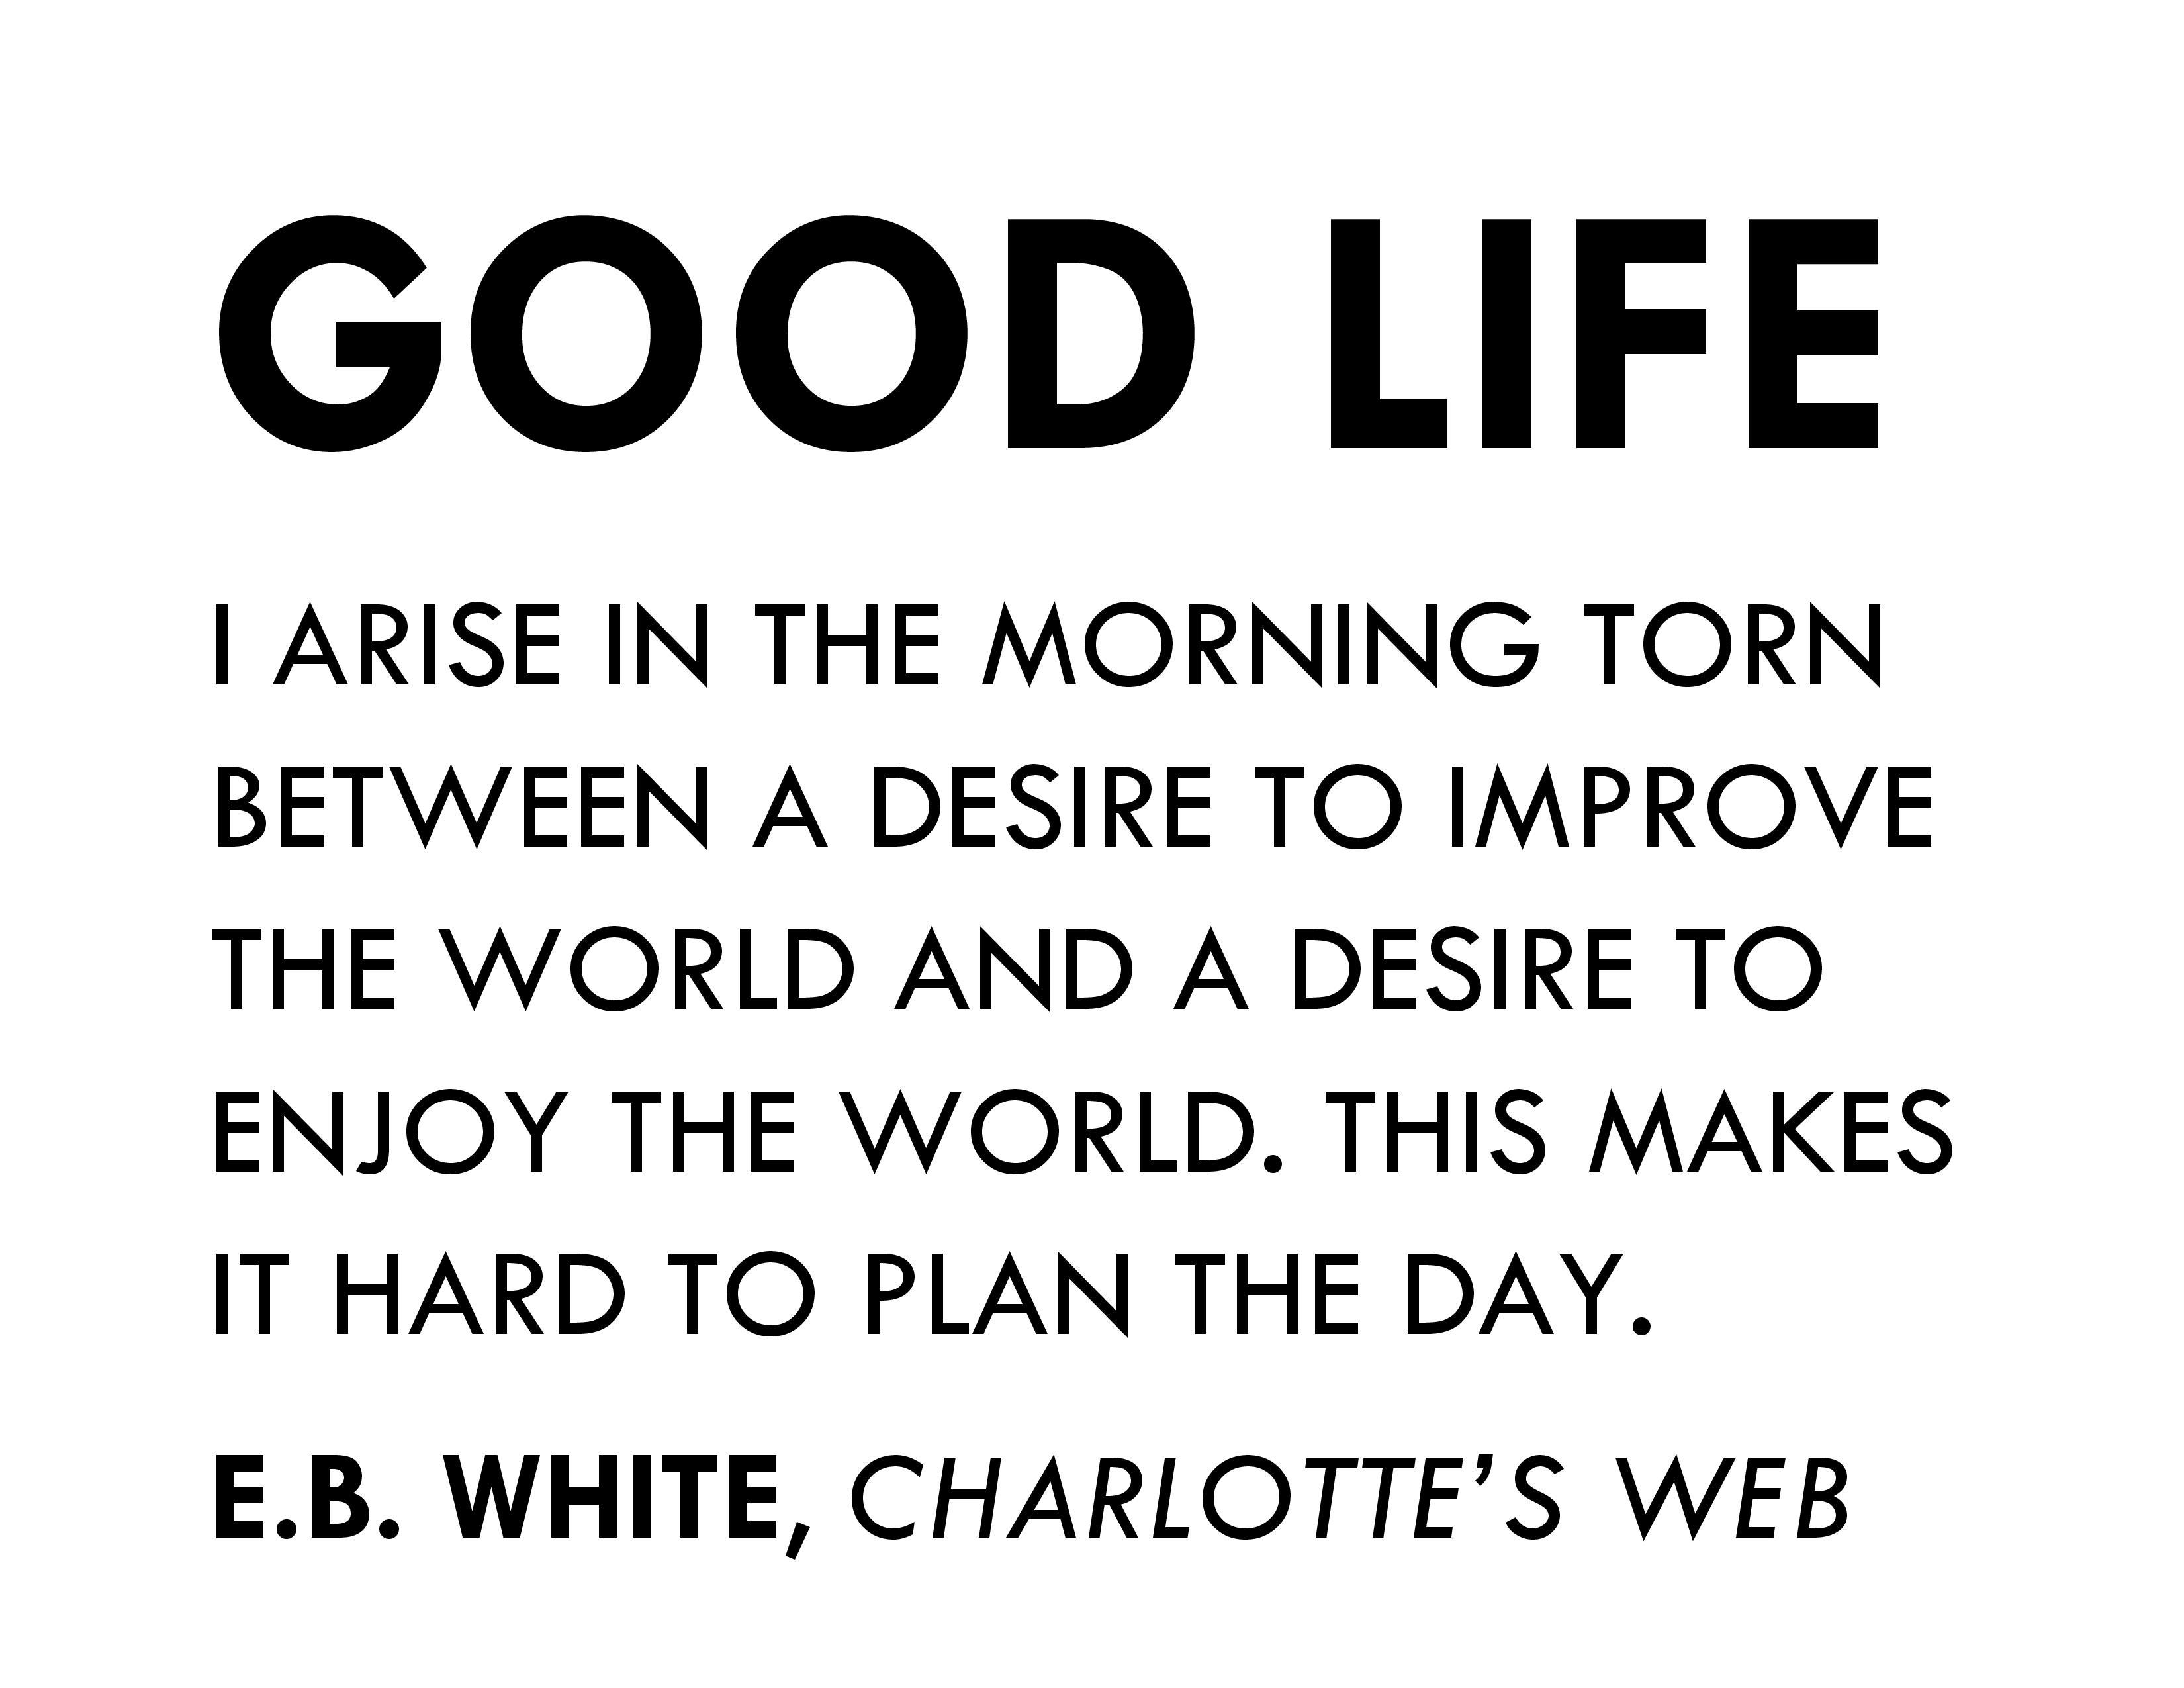 GOOD LIFE - E.B. White